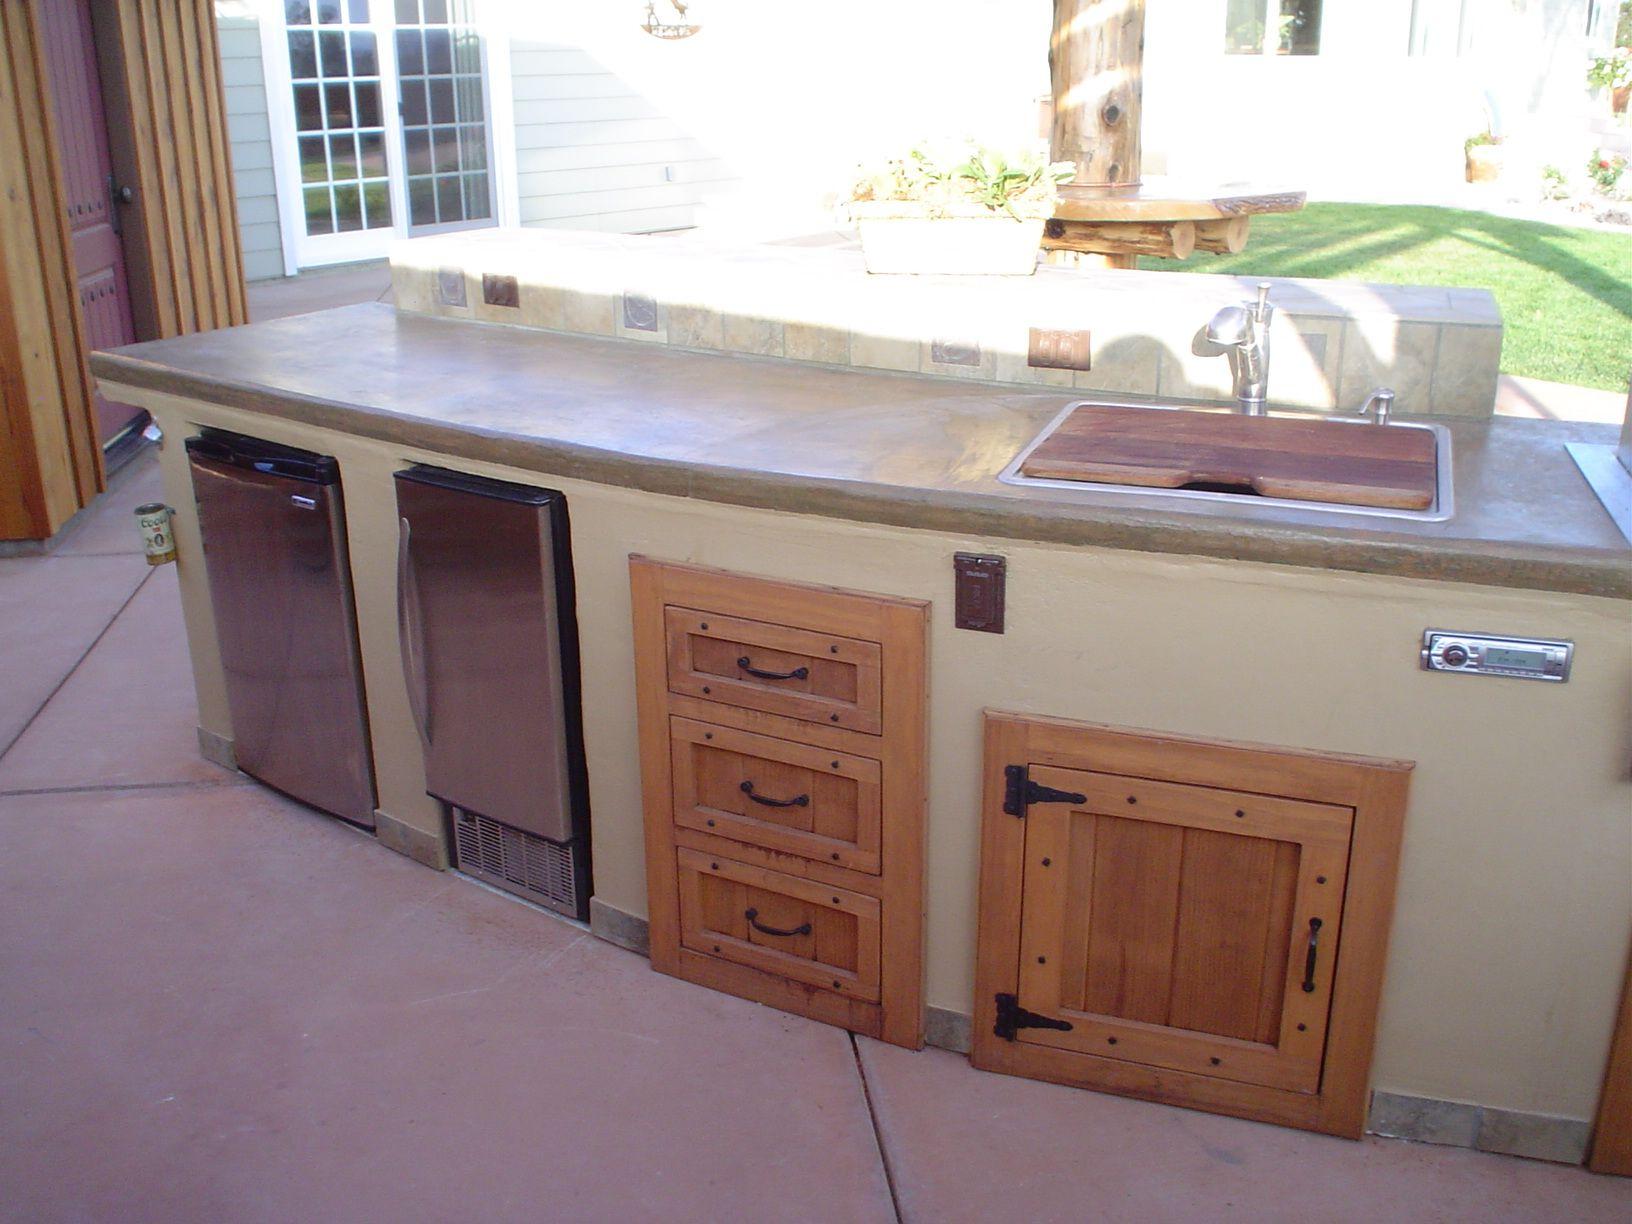 Outdoor Kitchen Cabinet Doors 0 Web Image Gallery DIY Outdoor